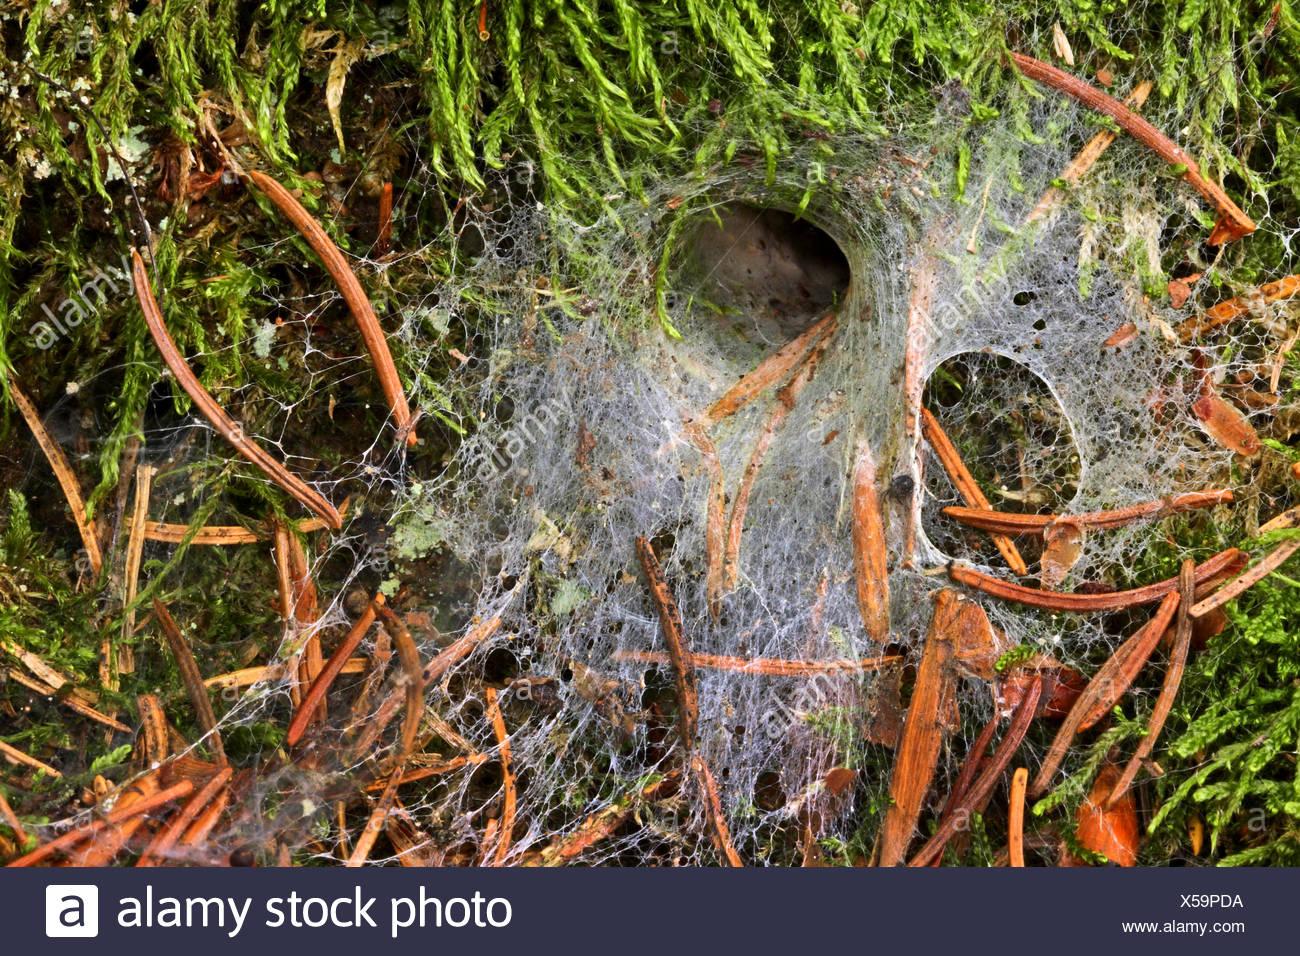 Erd-Finsterspinne, Erdfinsterspinne, Waldboden-Finsterspinne, Waldbodenfinsterspinne, Trichternetz-Spinne, Trichternetzspinne (C - Stock Image